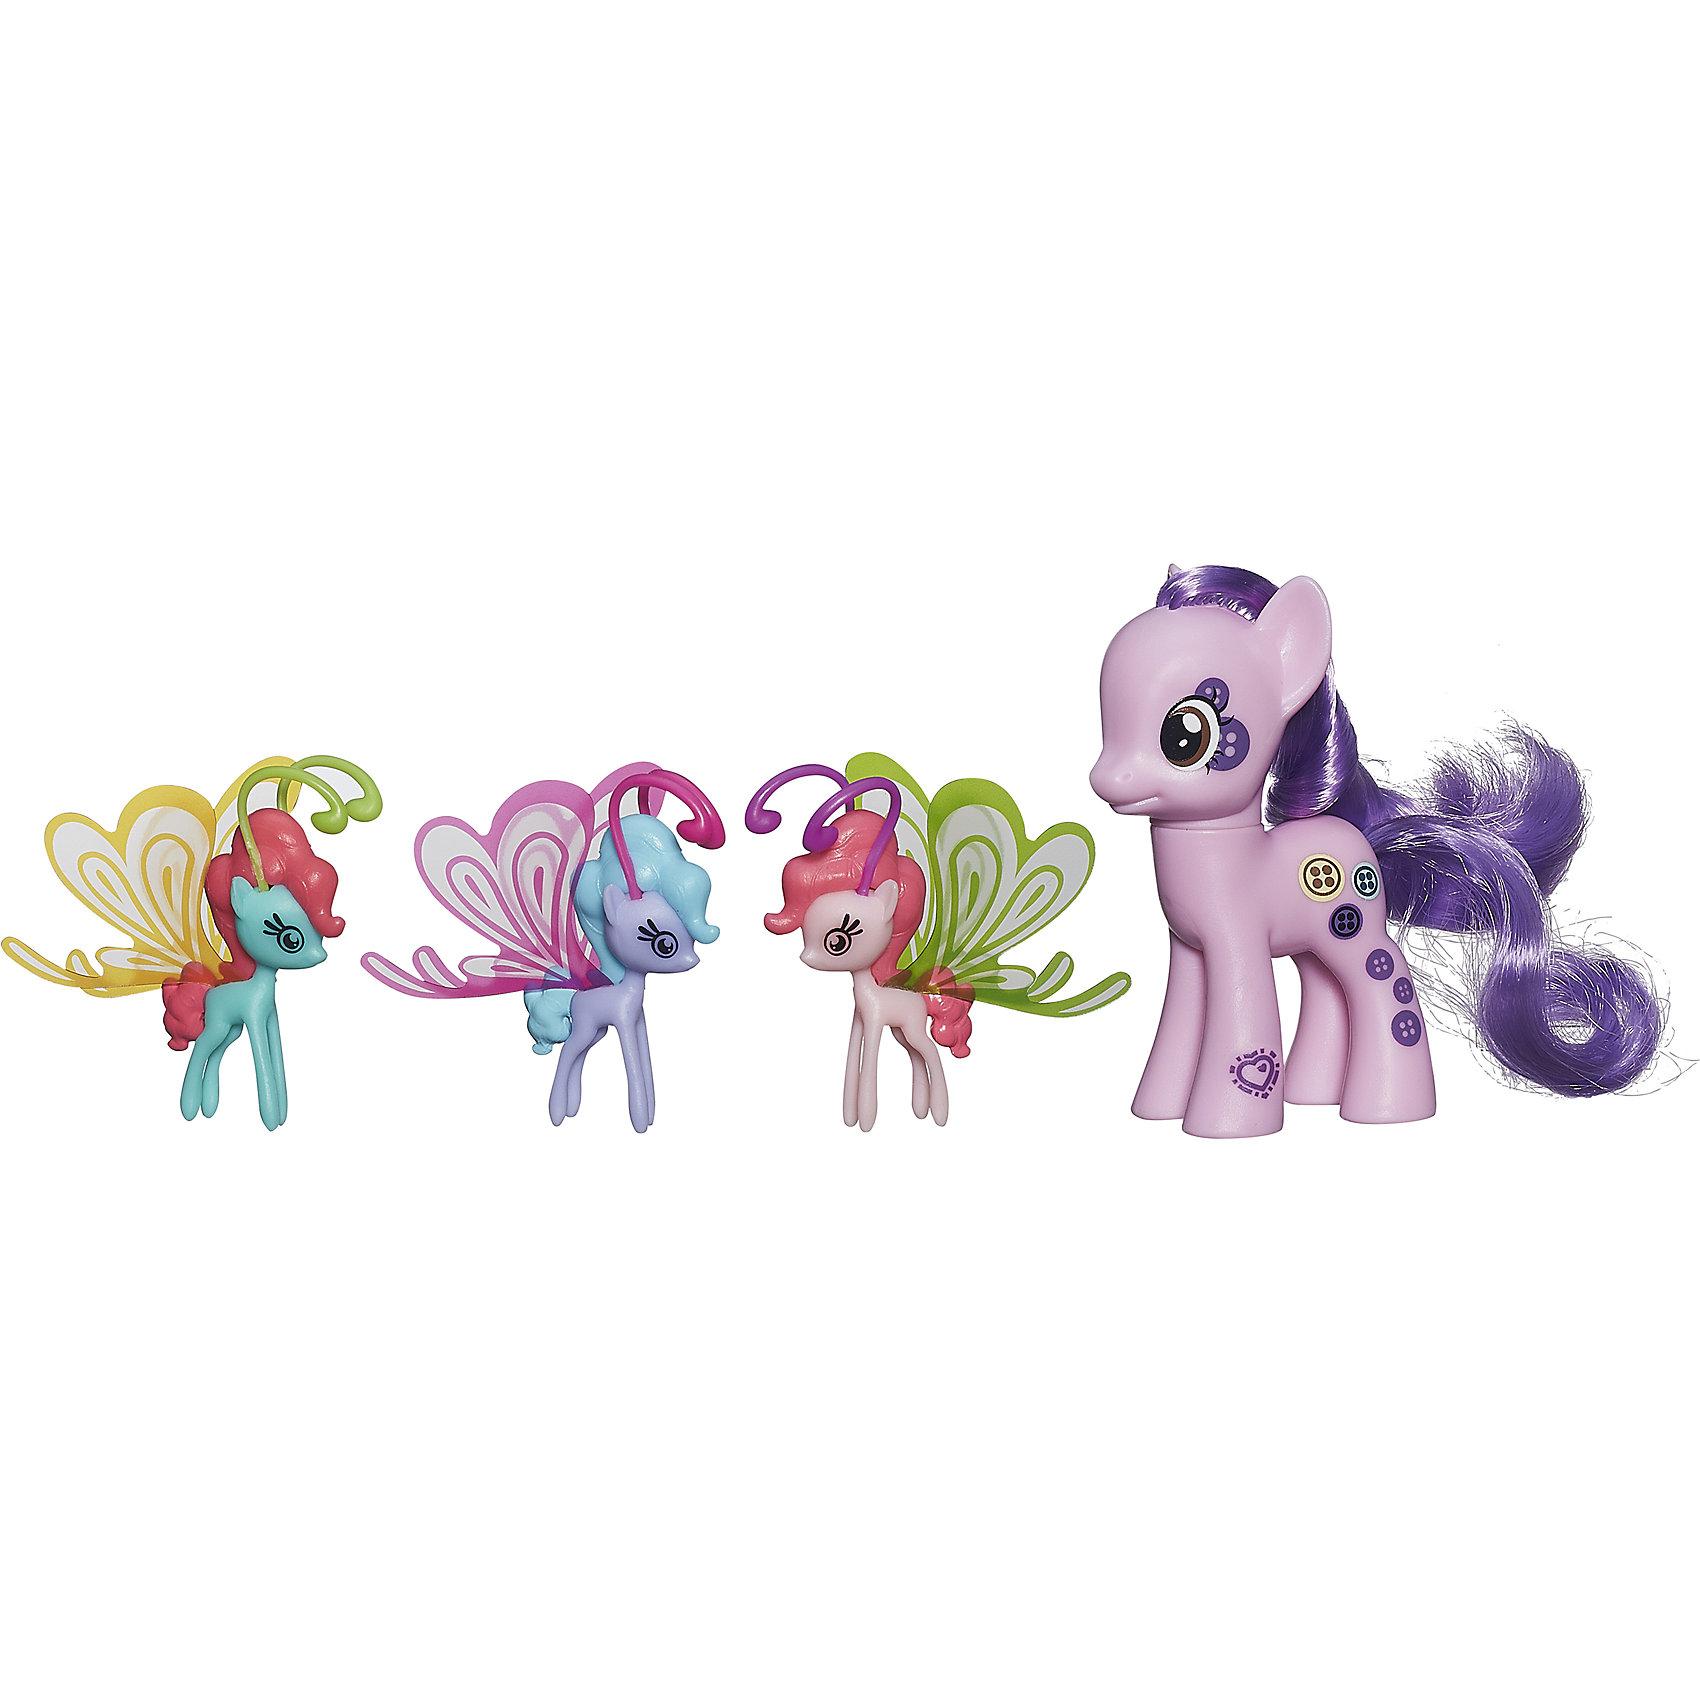 Пони Делюкс с волшебными крыльями, My little Pony,  B3015/B0358Игрушки<br>Очаровательные героини известного мультсериала Мой маленький Пони приведут в восторг всех девочек. В наборе - фигурка пони с пушистой гривой и три маленькие пони с крылышками. Теперь любимые лошадки смогут играть не только на земле, но и в воздухе. Игрушки выполнены из высококачественного экологичного пластика с применением гипоаллергенных красителей безопасных для детей. <br><br>Дополнительная информация:<br><br>- Материал: пластик.<br>- Размер: 20х17х4 см.<br>- Высота пони: 8 см.<br>- Высота крылатых пони: 4,5 см.<br>- Комплектация: 4 фигурки пони - большая пони, 3 маленьких пони с крылышками. <br><br>Пони Делюкс с волшебными крыльями, My little Pony (Май литл Пони),  можно купить в нашем магазине.<br><br>Ширина мм: 44<br>Глубина мм: 203<br>Высота мм: 197<br>Вес г: 350<br>Возраст от месяцев: 36<br>Возраст до месяцев: 72<br>Пол: Женский<br>Возраст: Детский<br>SKU: 4563923